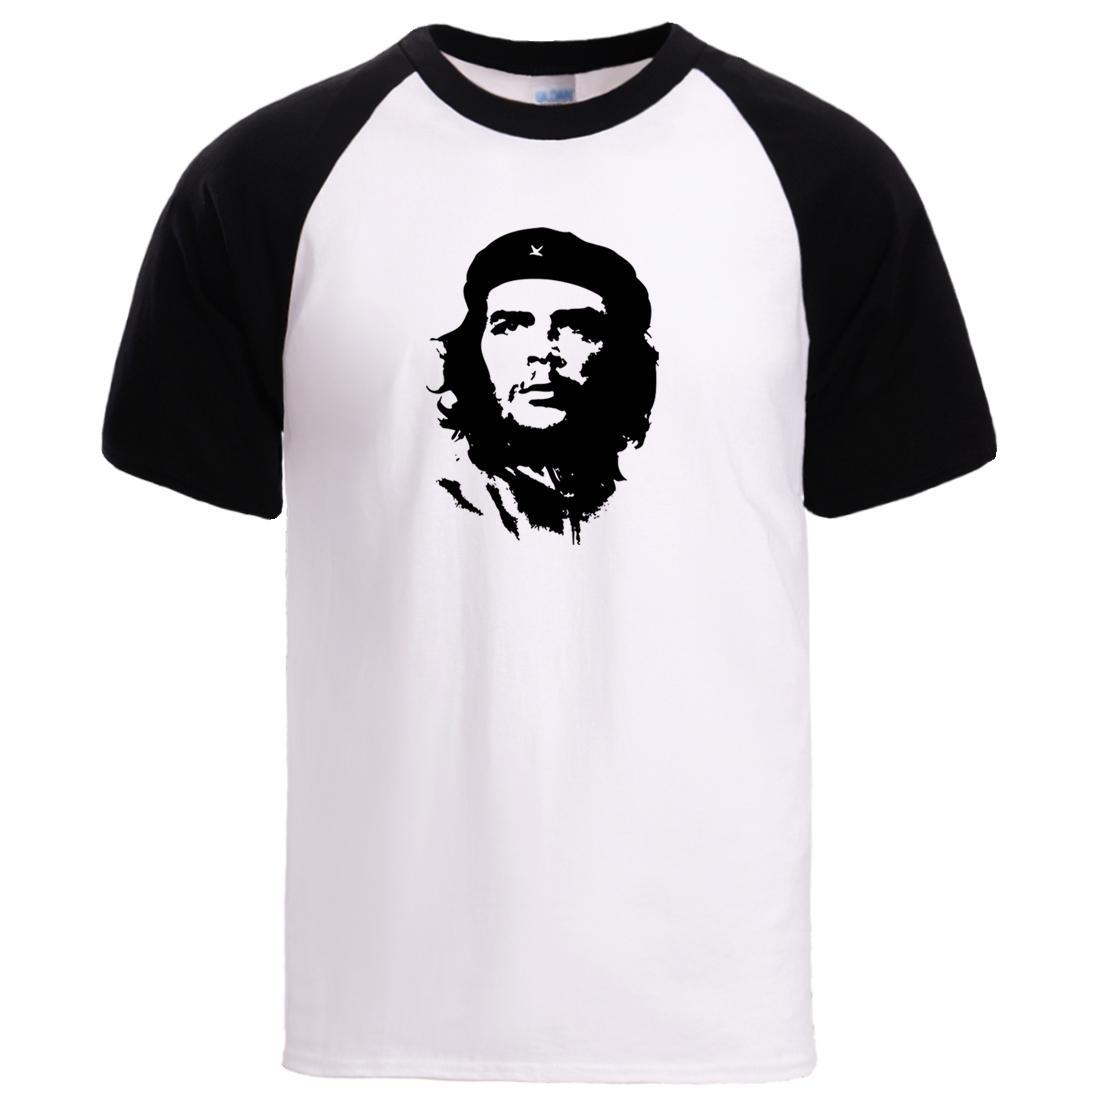 sport Che Guevara herói T-shirts Mens Hip Hop Verão cobre camisas T 2020 New Arrival algodão de manga curta T Sportswear Masculino Raglan